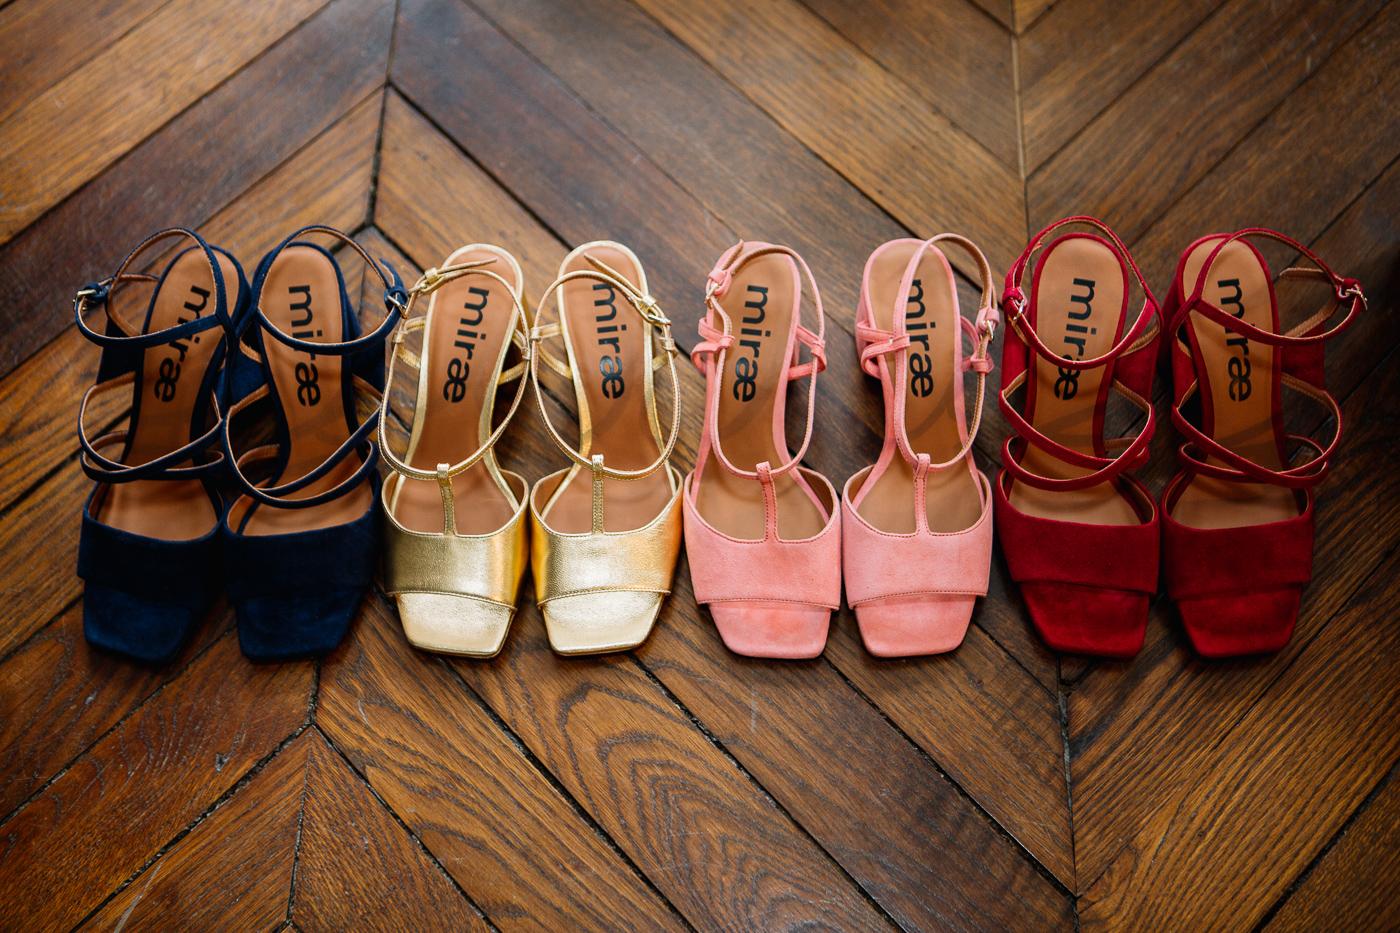 Quatre paires de sandales à talons de la marque Miræ roses, bleues et dorées sur un parquet